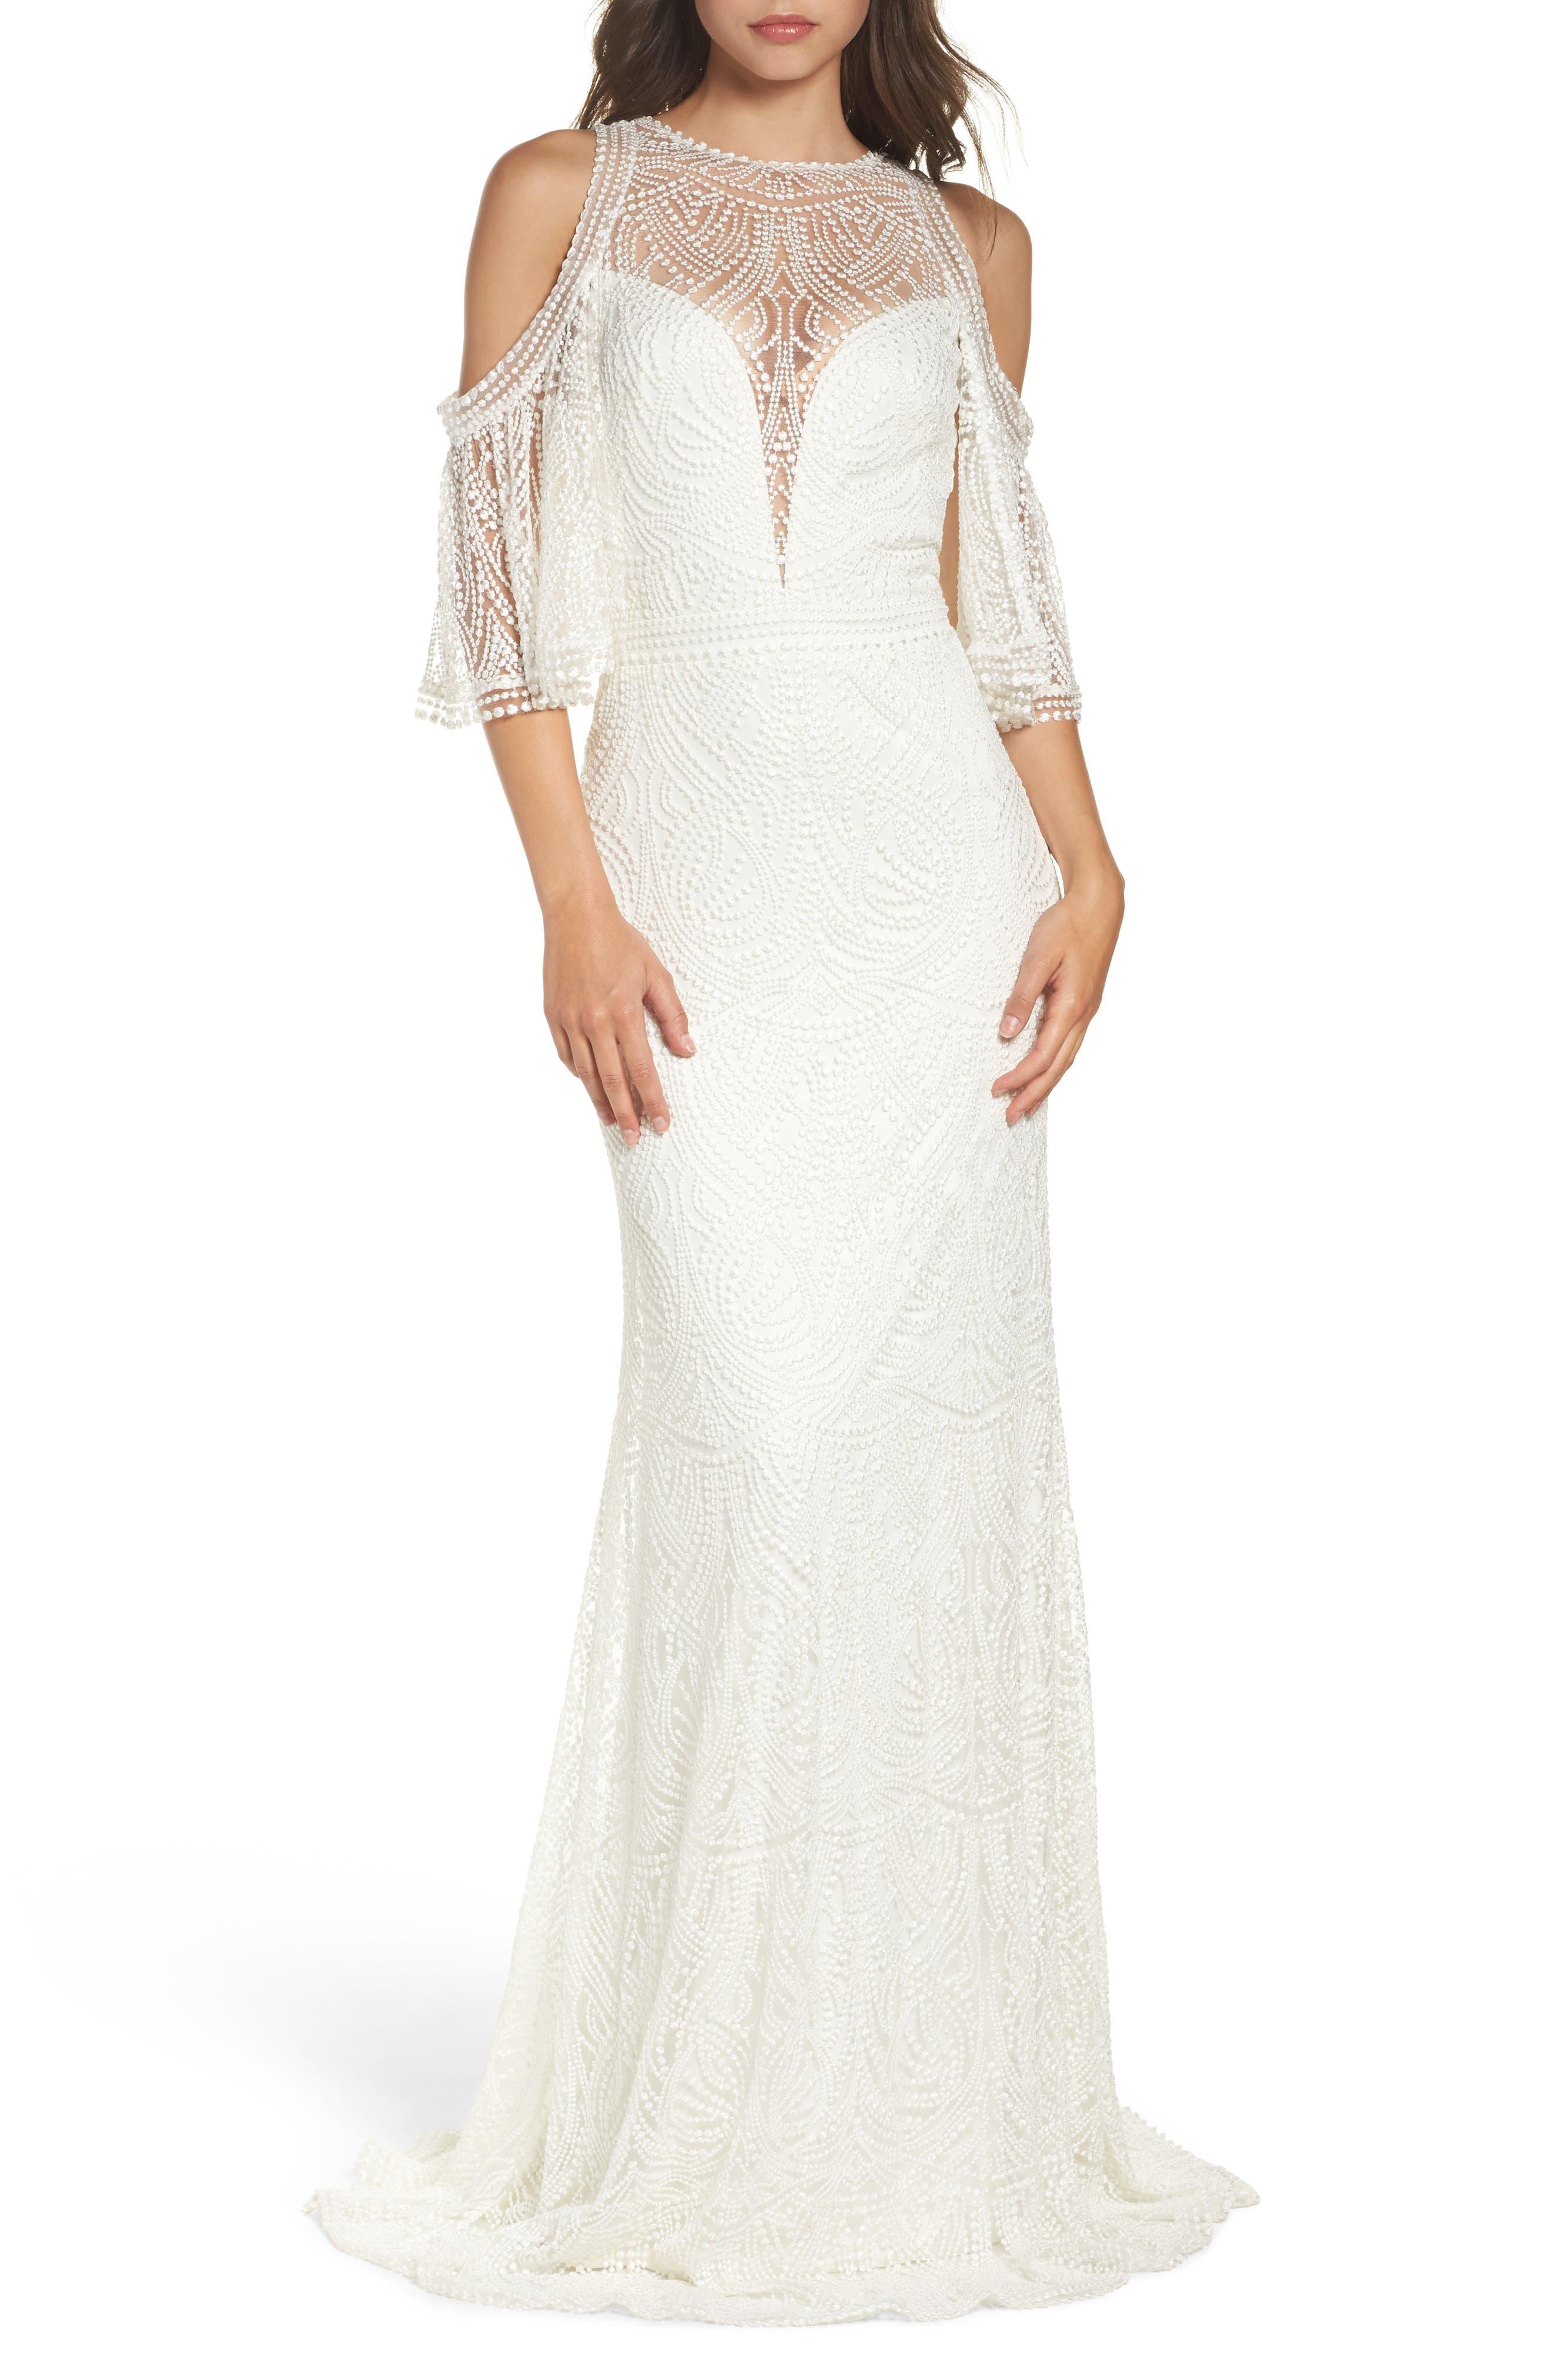 60s Wedding Dresses | 70s Wedding Dresses Womens Tadashi Shoji Embroidered Cold Shoulder Mesh Gown Size 16 - Ivory $798.00 AT vintagedancer.com